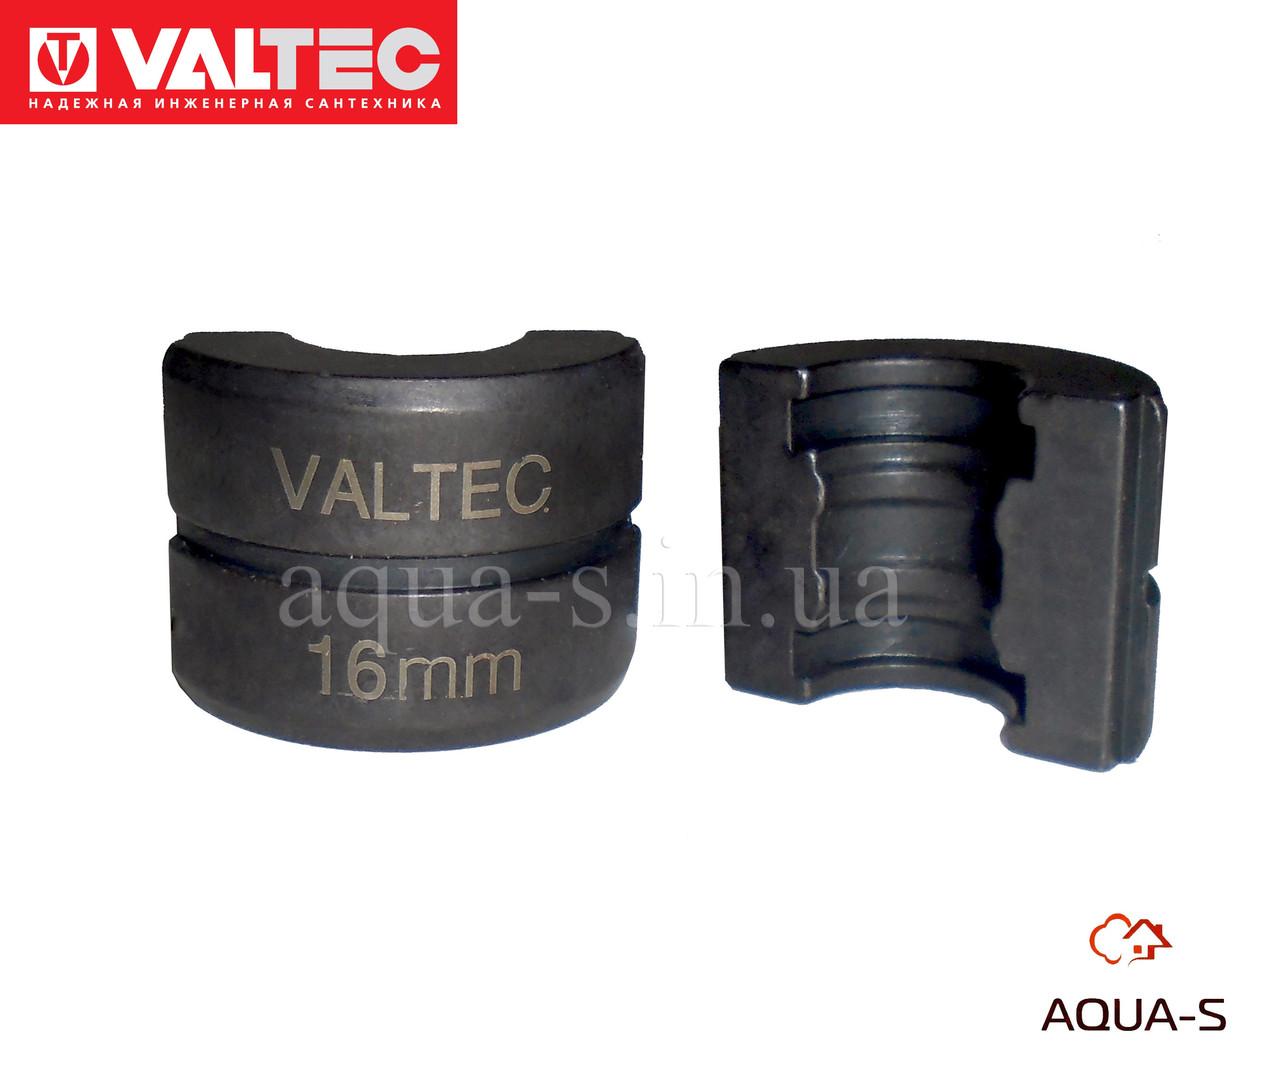 Вкладыши для пресс-инструмента Valtec 16 мм. (профиль TH) VTm.294.0